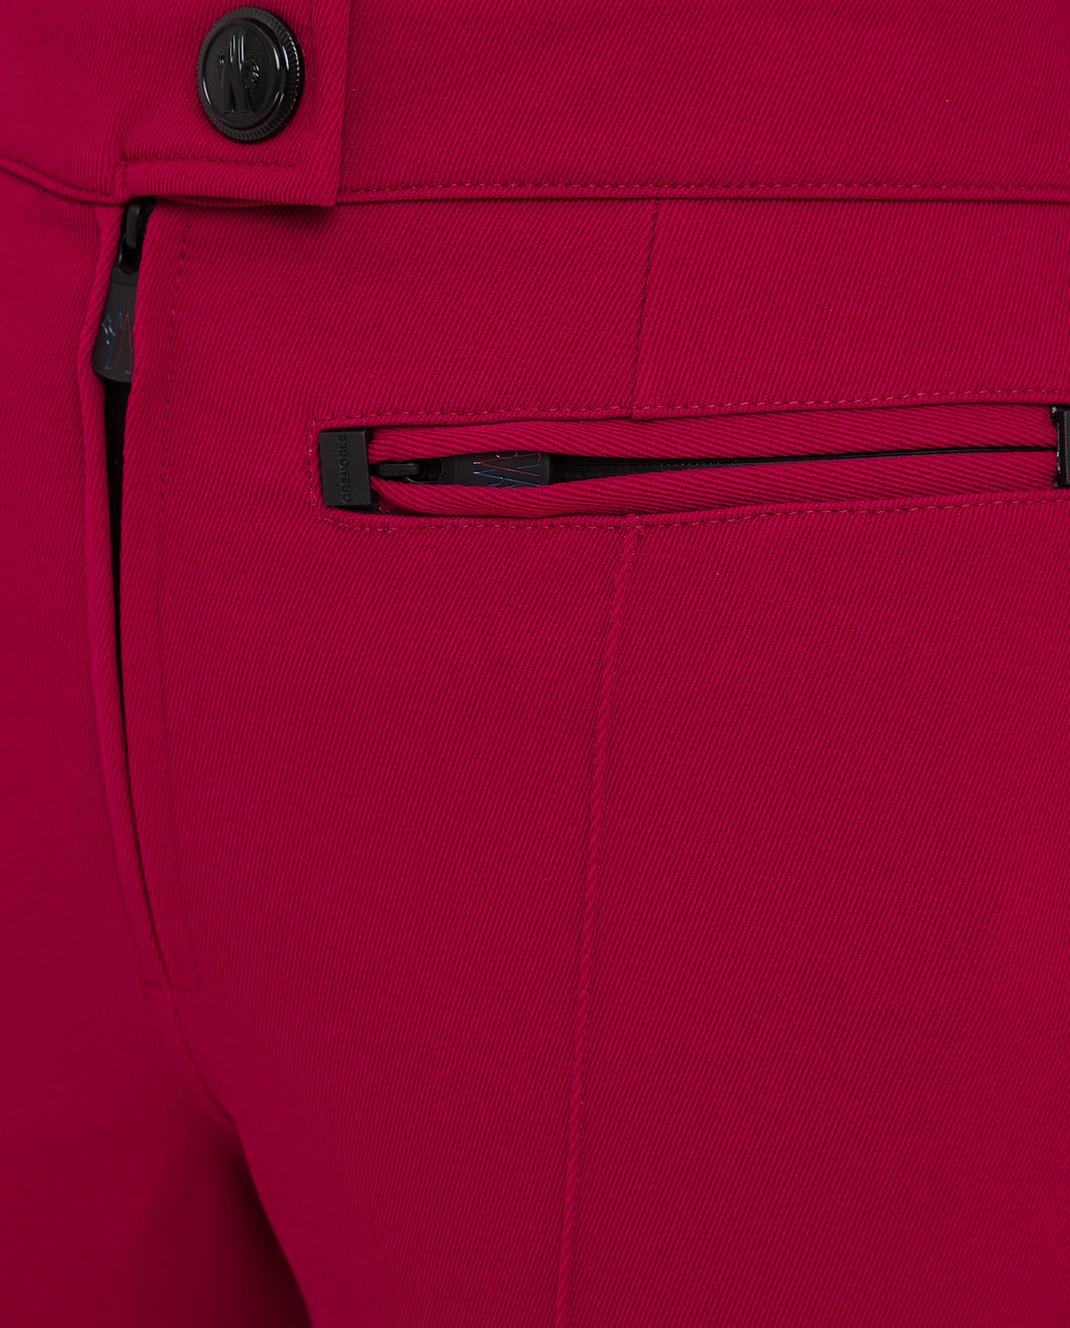 Moncler Grenoble Малиновые лыжные брюки изображение 5